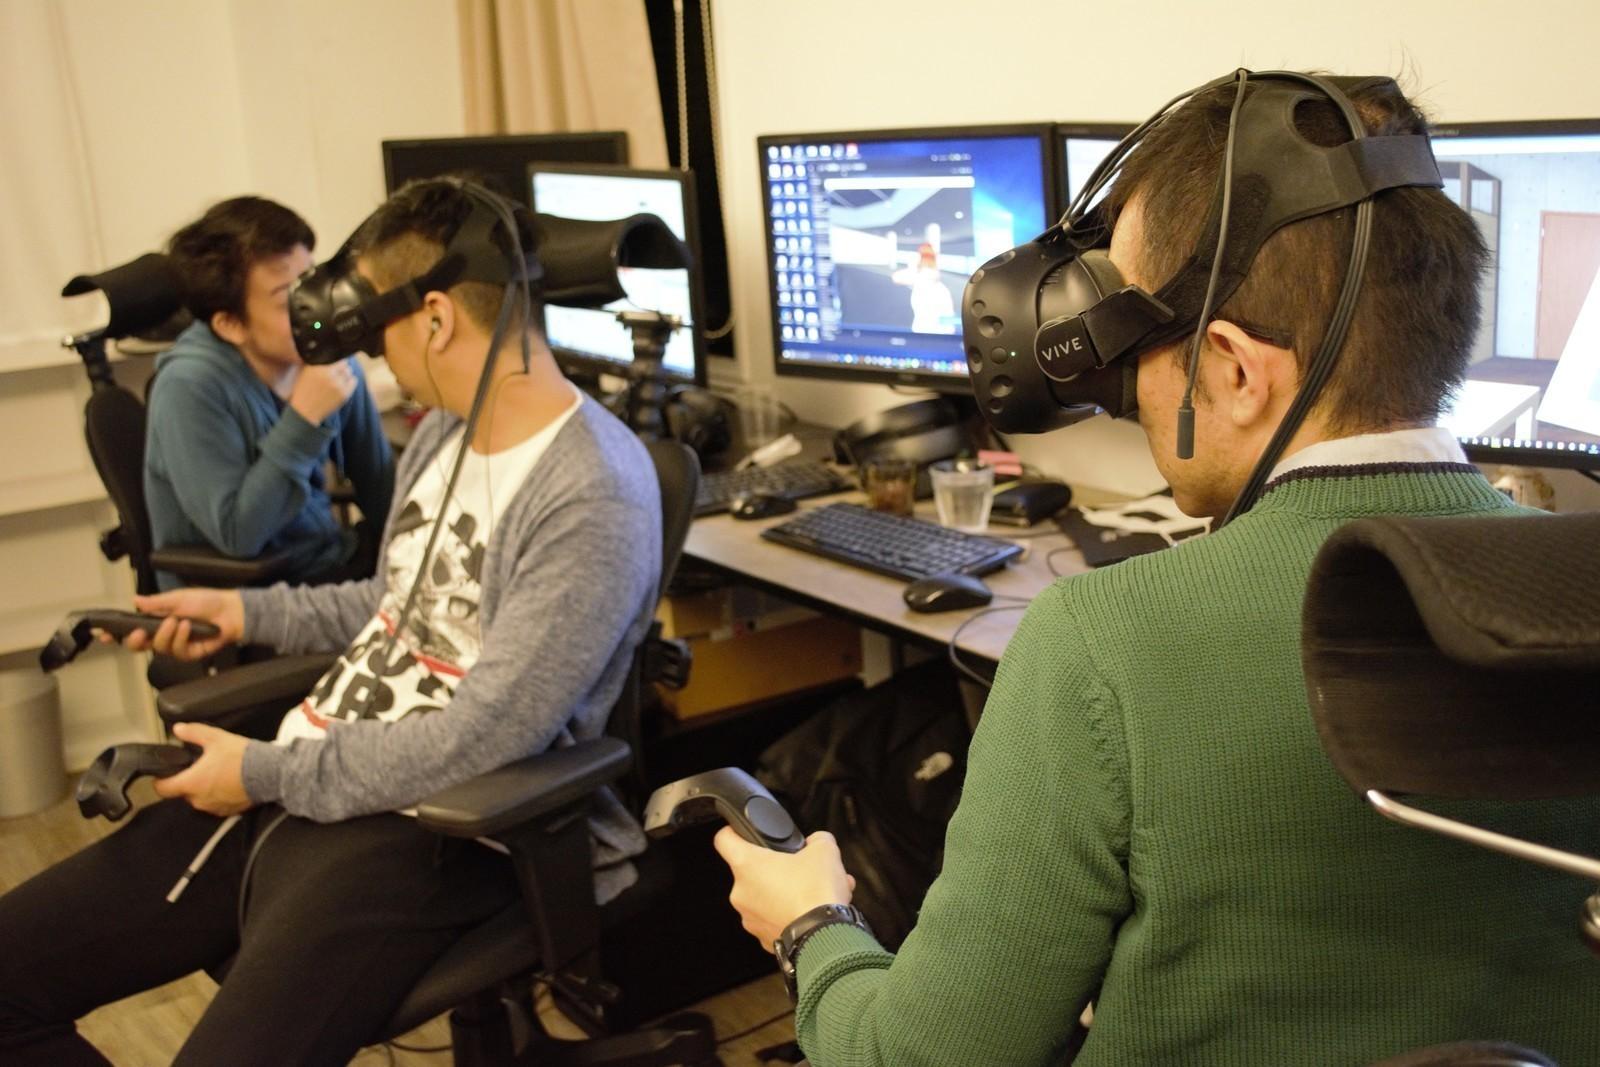 【VR×AI】機械学習を利用した次世代VRソフトウェアを開発しませんか?